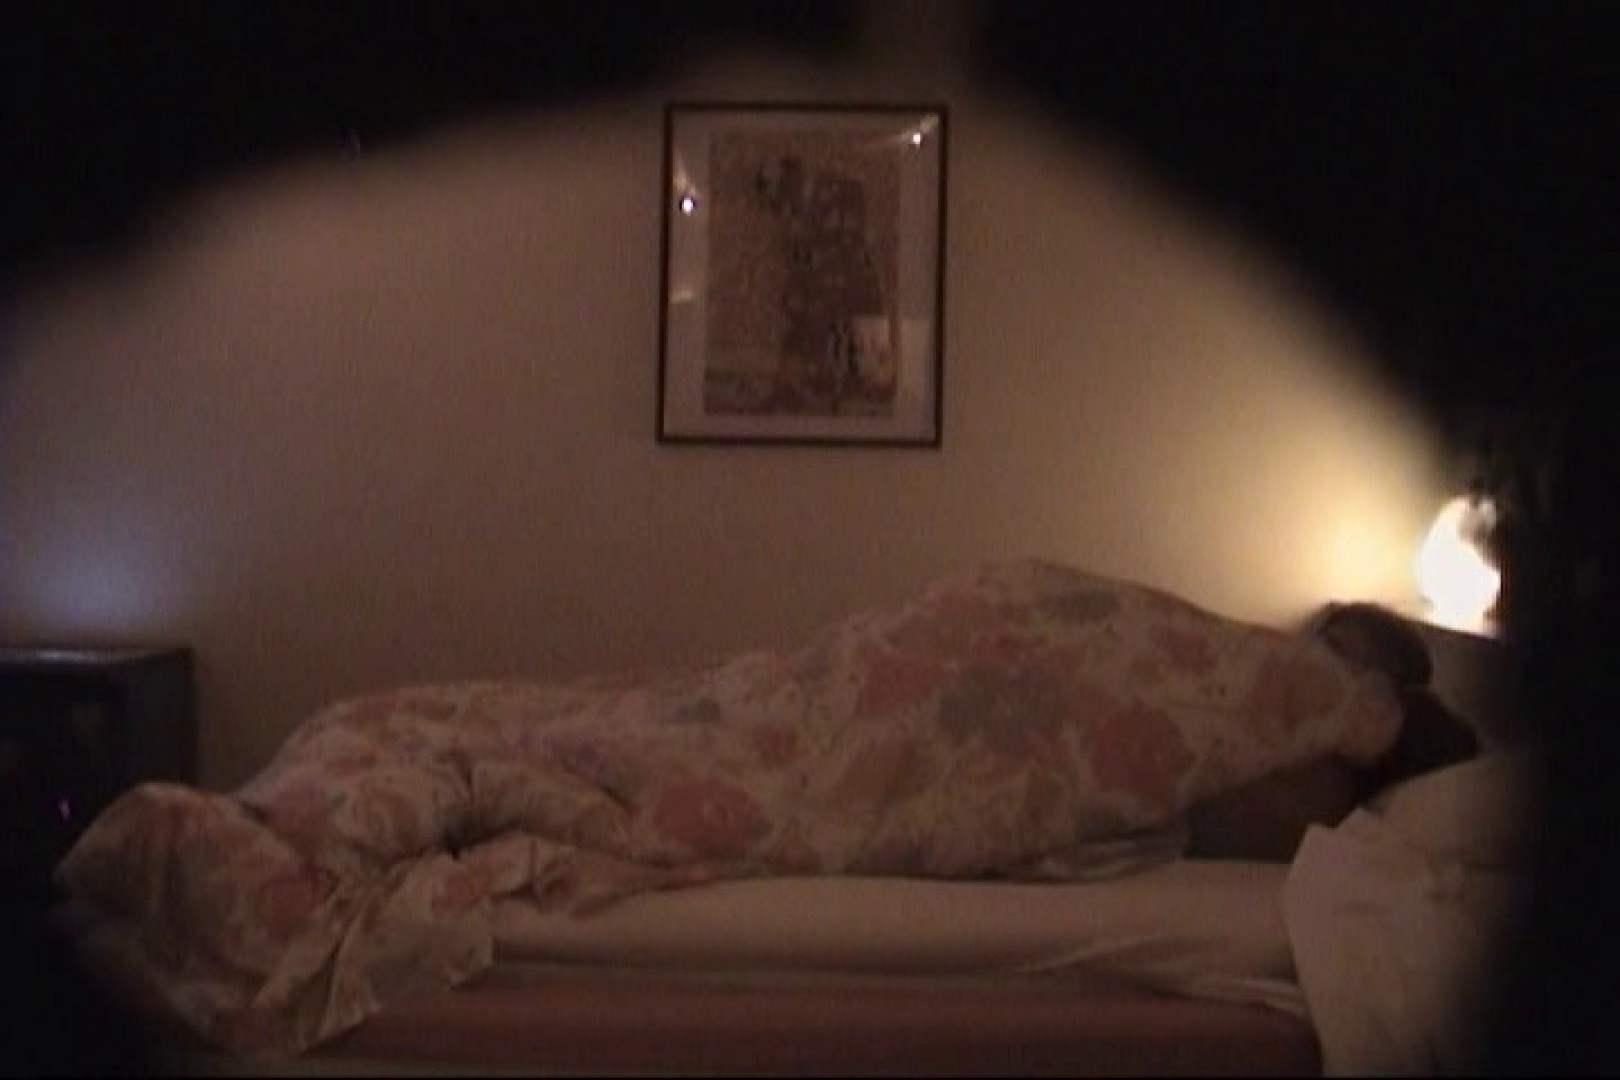 デリ嬢マル秘撮り本物投稿版④ ホテル潜入   おっぱい  51pic 13